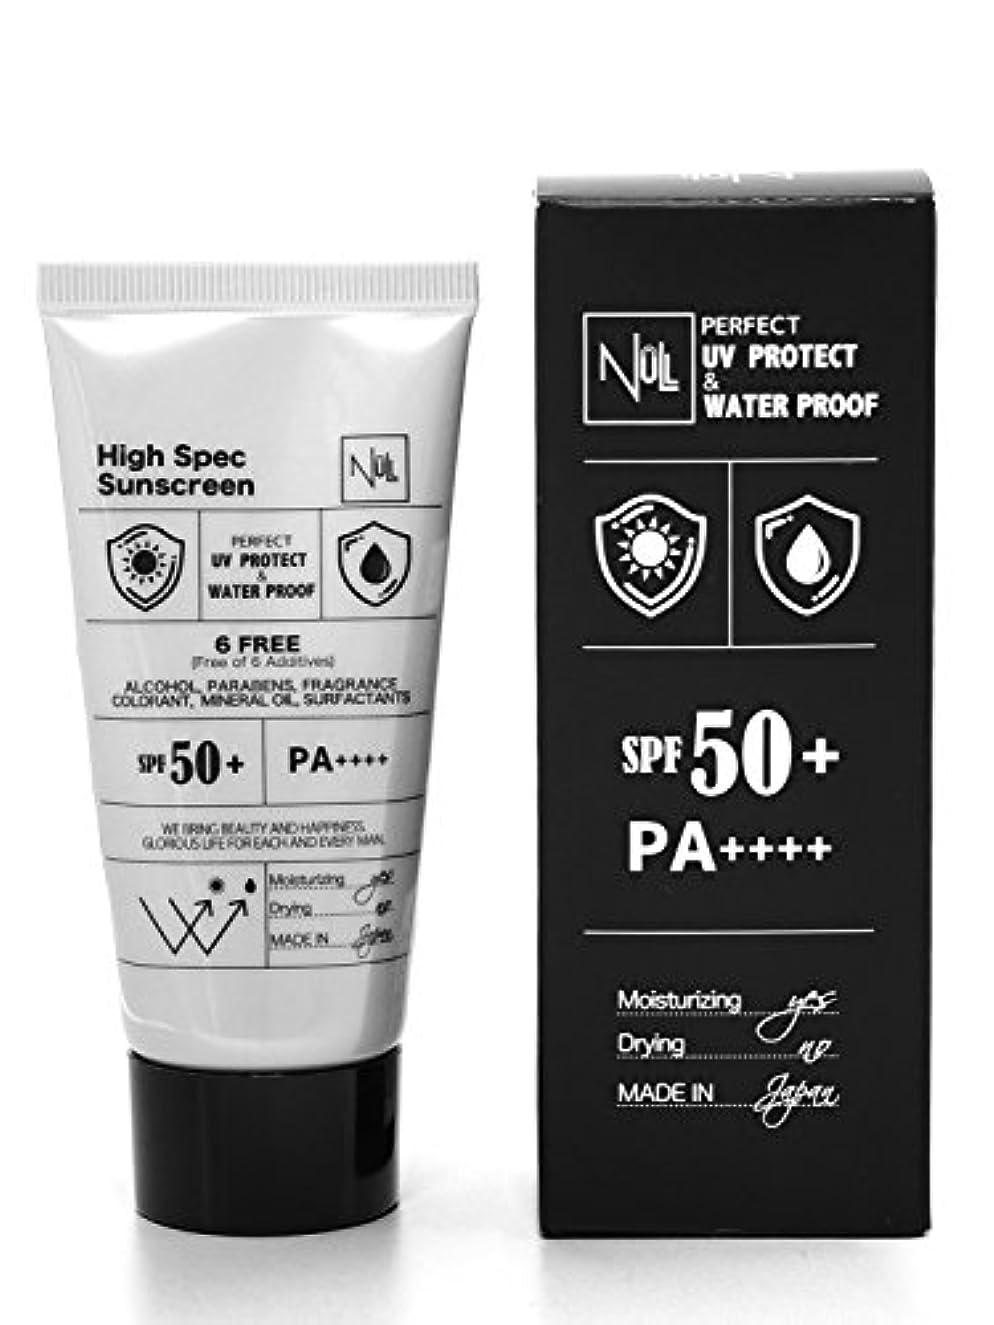 浴室母性衰えるNULL 日焼け止め メンズ ウォータープルーフ (顔 & 全身 用) SPF50+ PA++++ ロングUVA対応 40g (特殊製法で 汗/水 にめっぽう強い) (白くならない/クレンジング不要) スポーツ ゴルフ 用